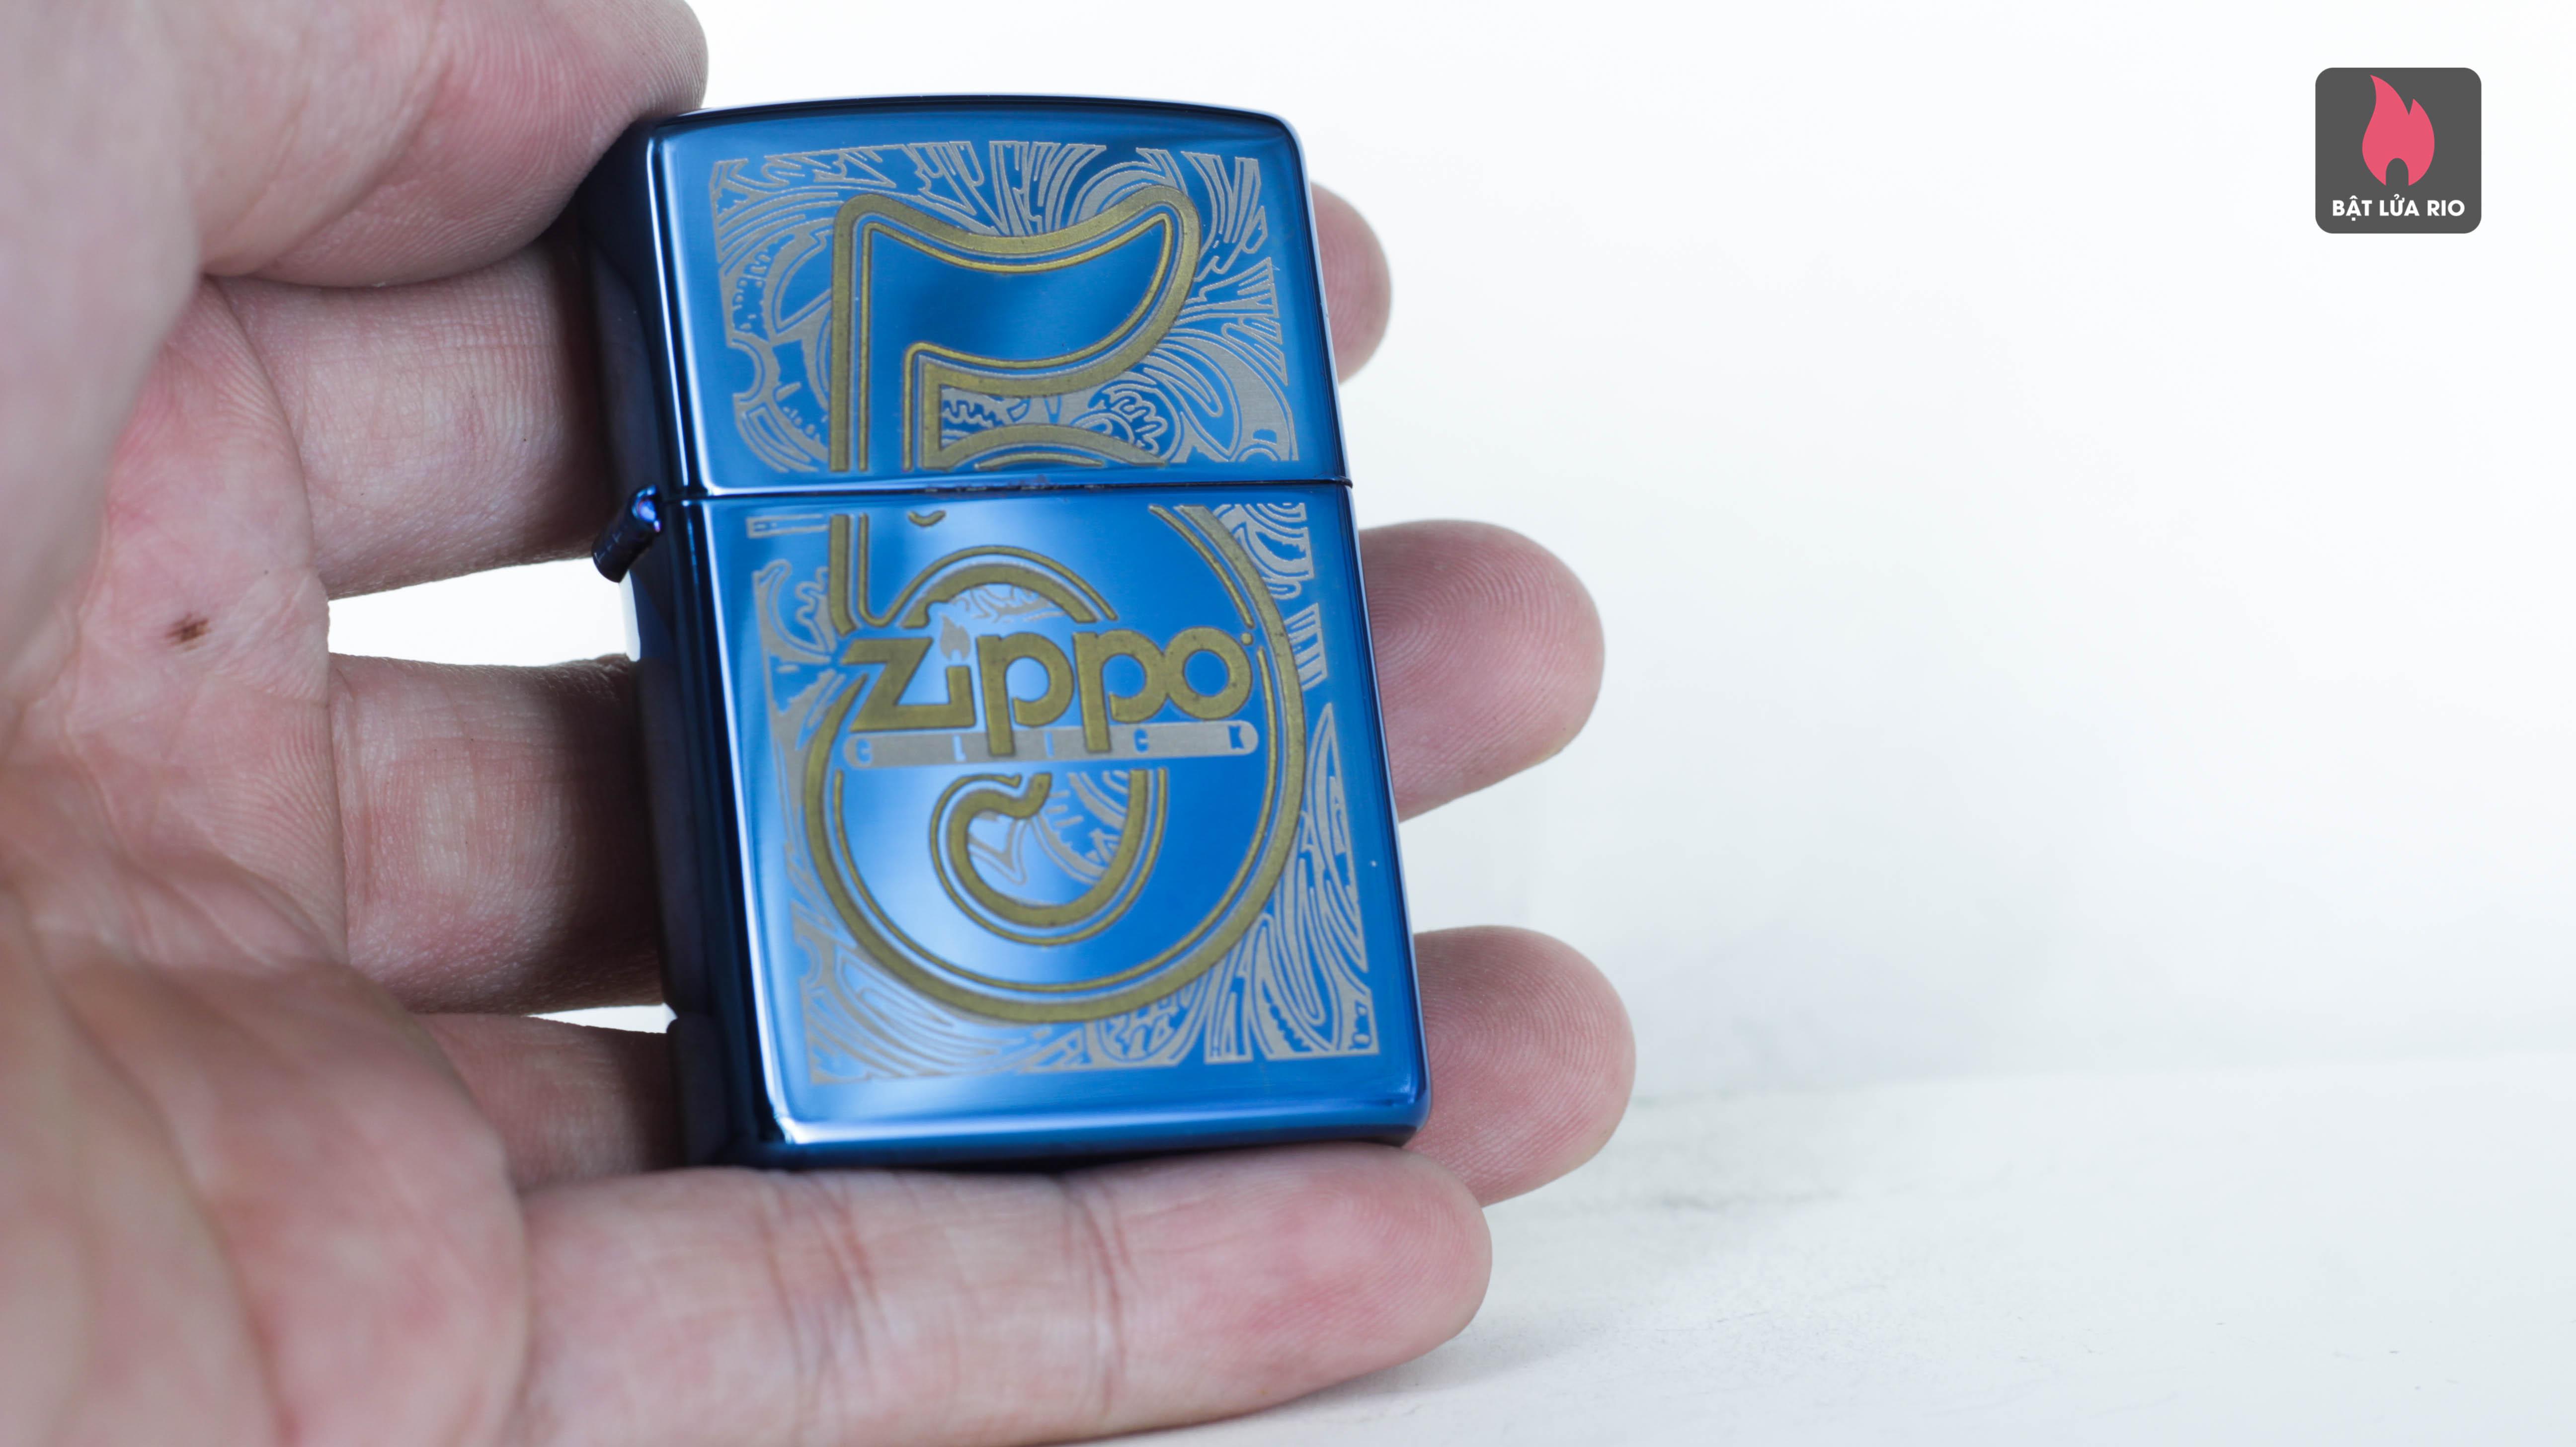 ZIPPO 2007 – ZIPPO CLICK 5TH ANNIVERSARY LIMITED MEMBER